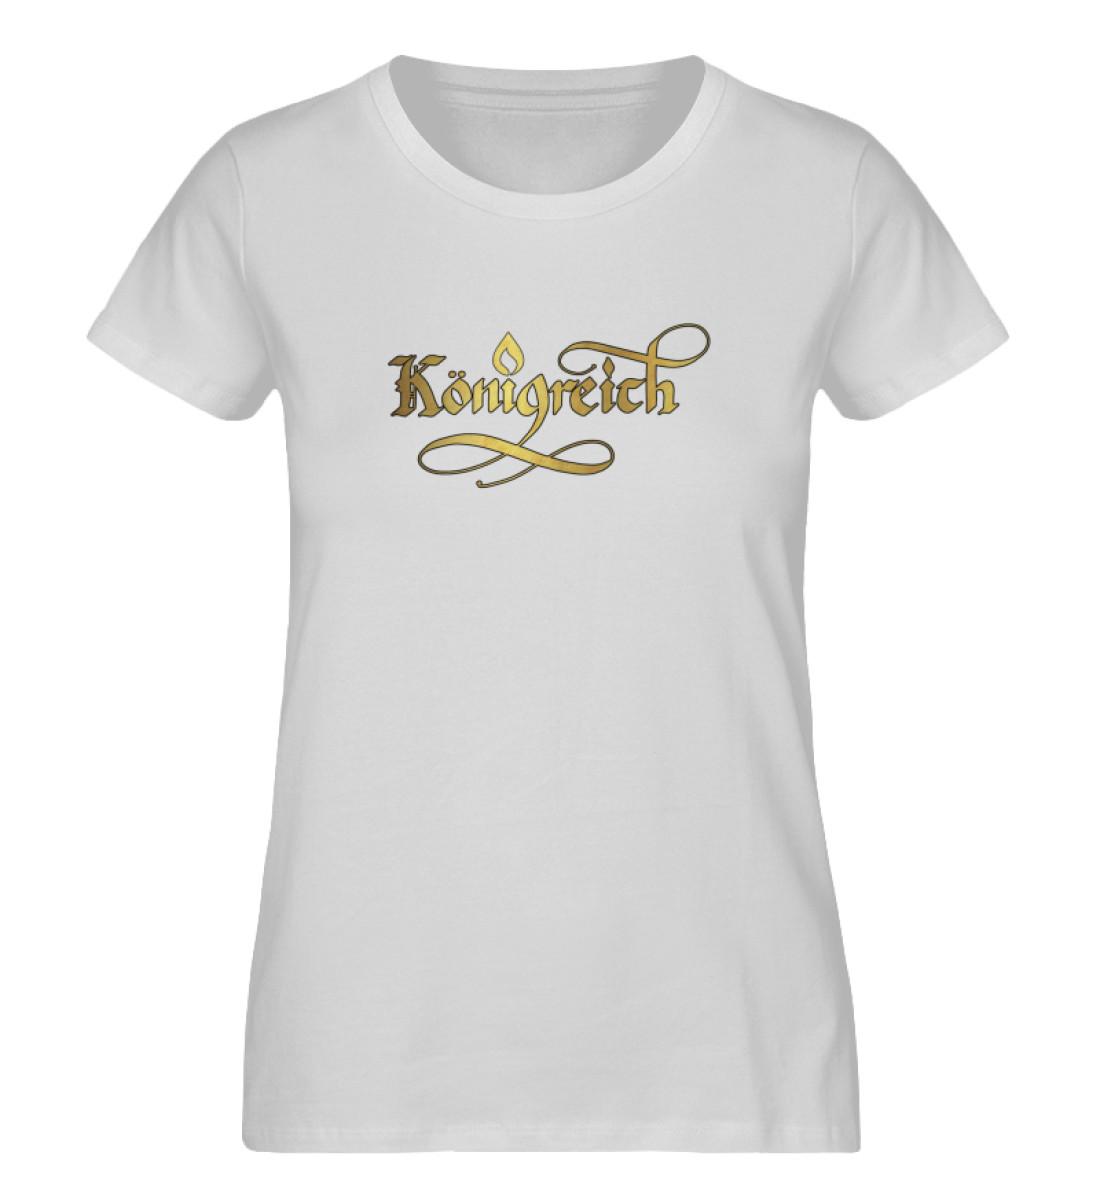 königreich - Ladies Premium Organic Shirt-6961